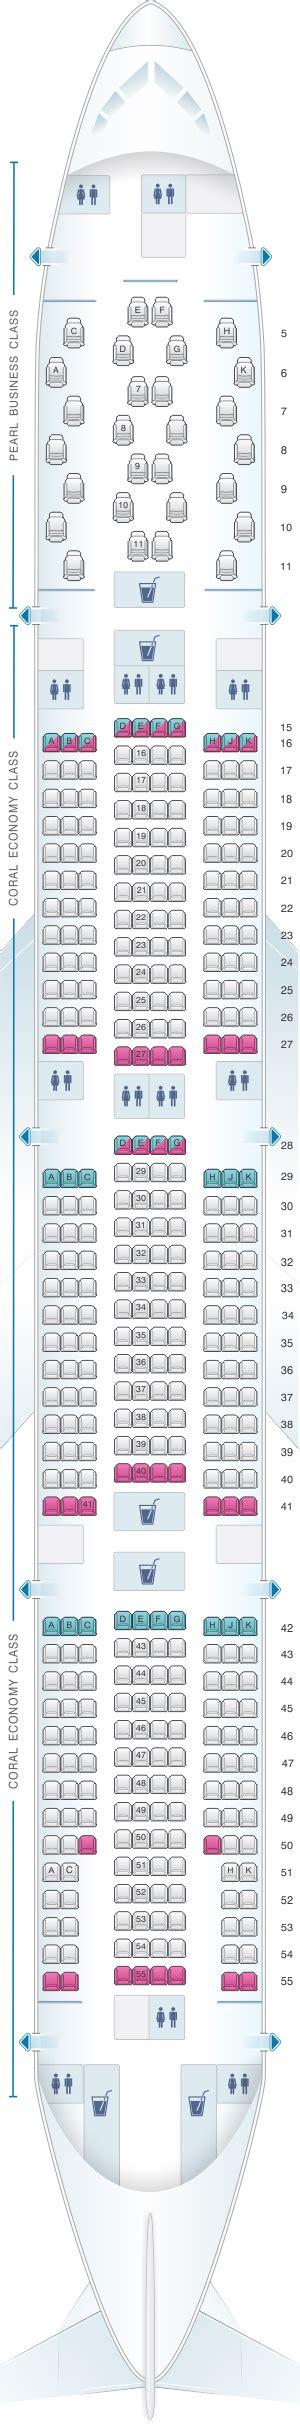 etihad airways seat map seat map etihad airways boeing b777 300er 2class v1